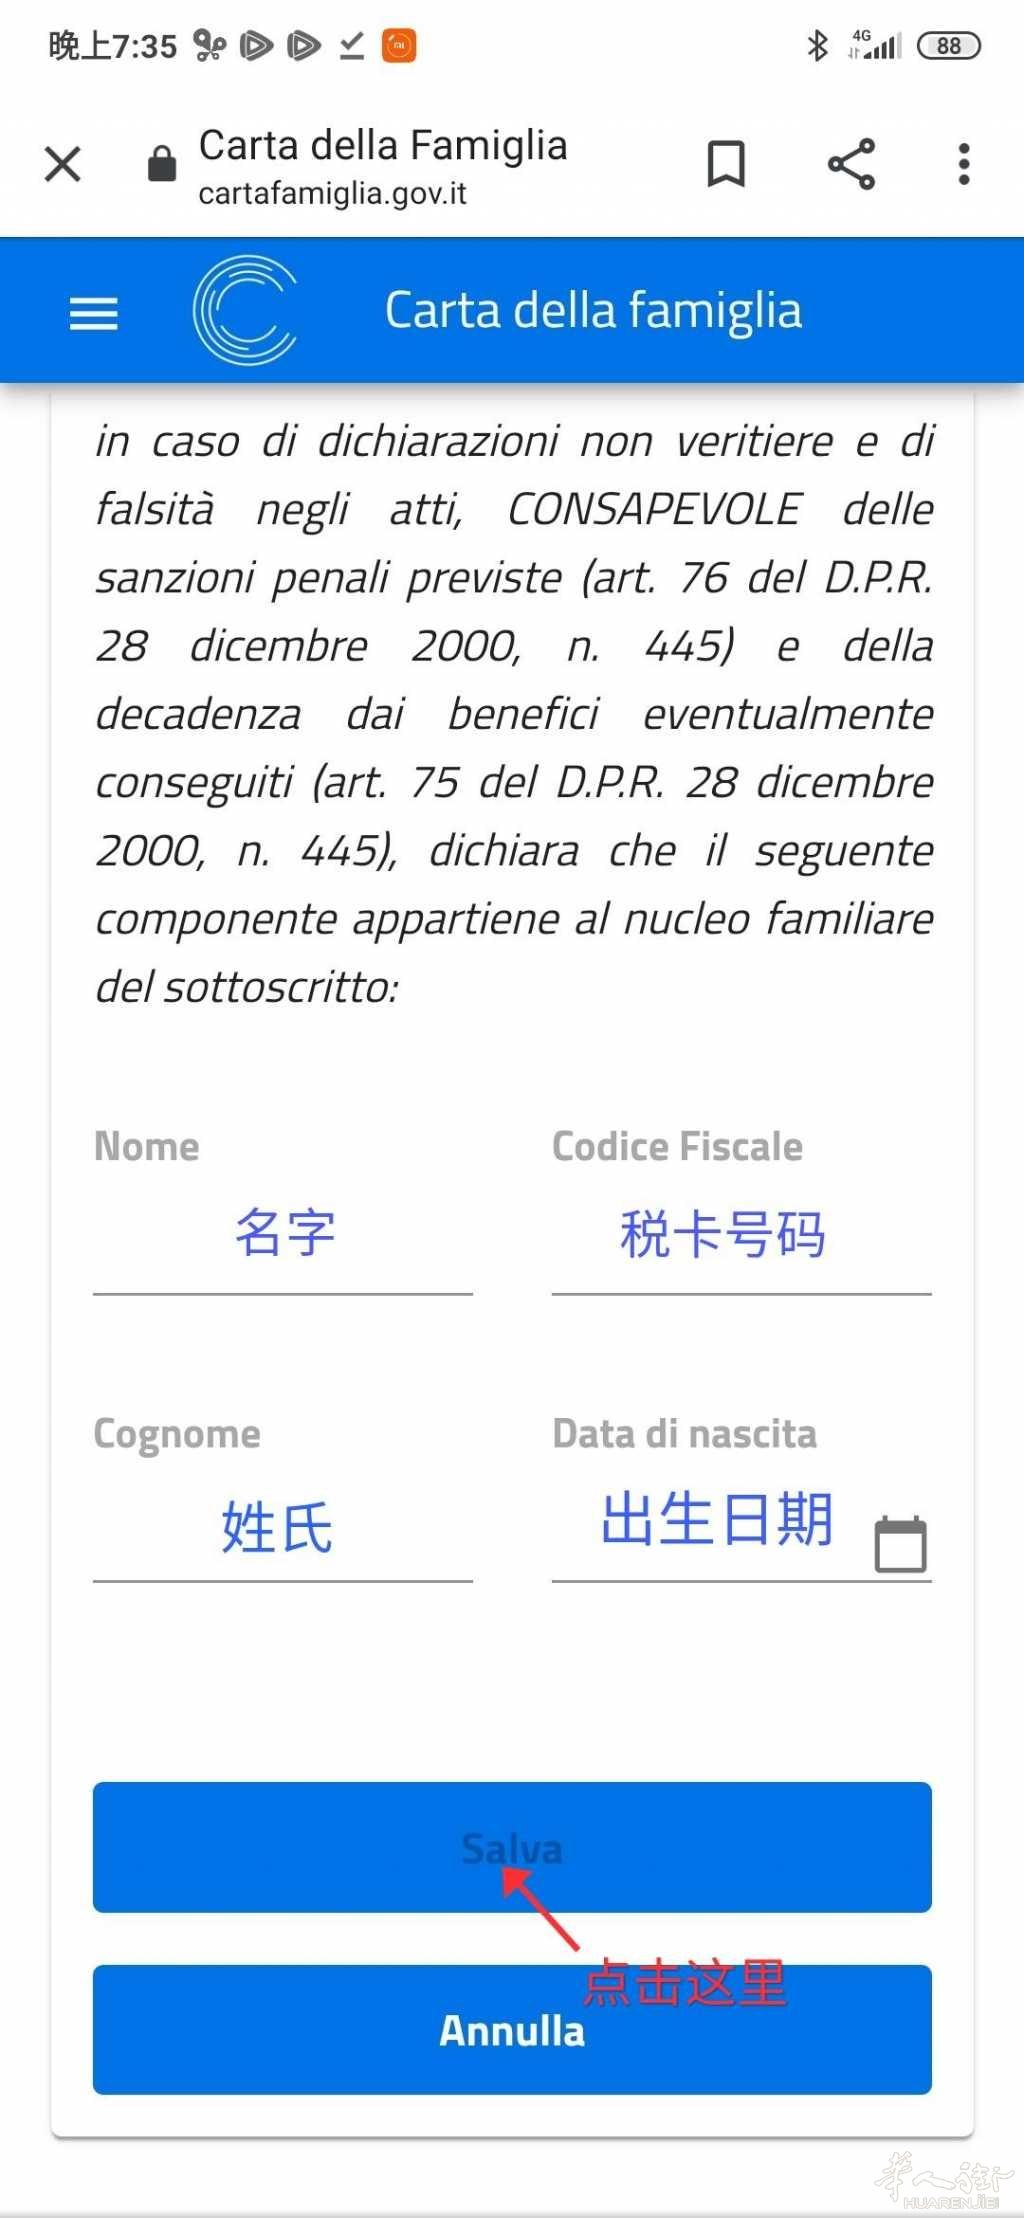 2020年家庭卡Carta Famiglia申请步骤 生活百科 第4张